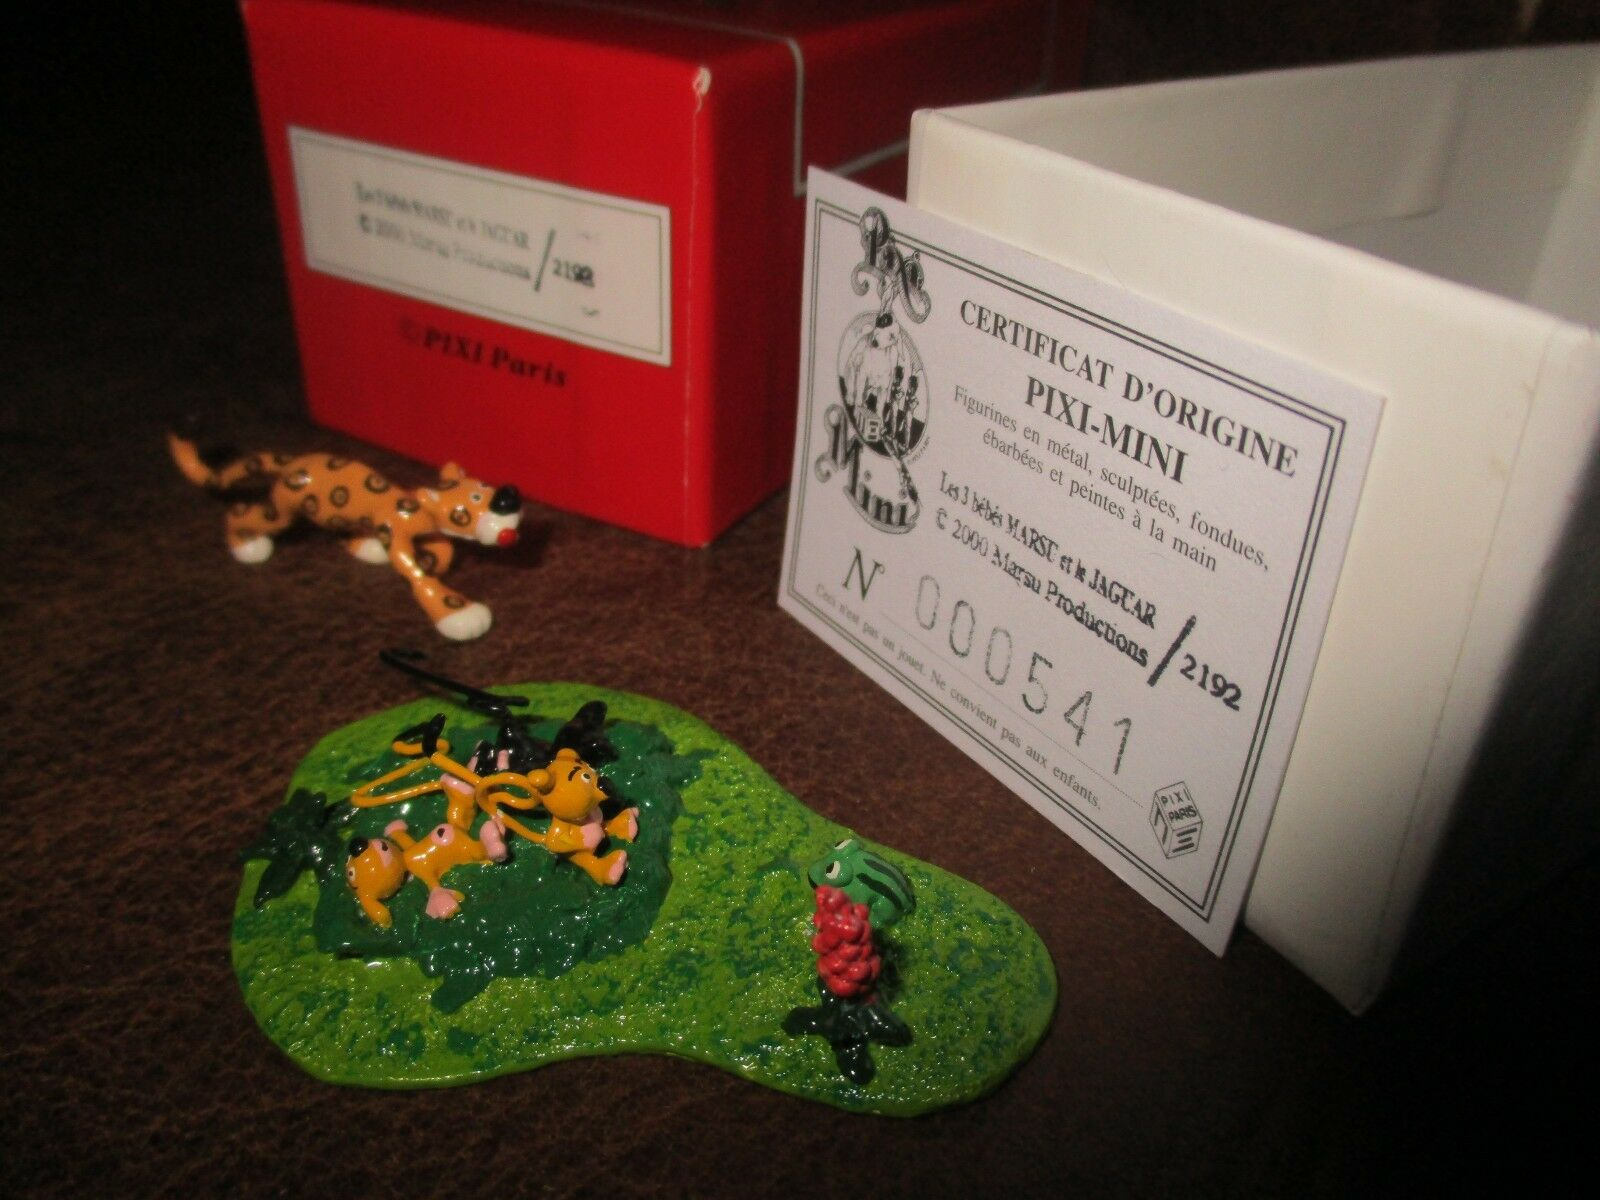 Franquin pixi sc  ne les trois b  b  s marsu et le jaguar bolte & certificat d '